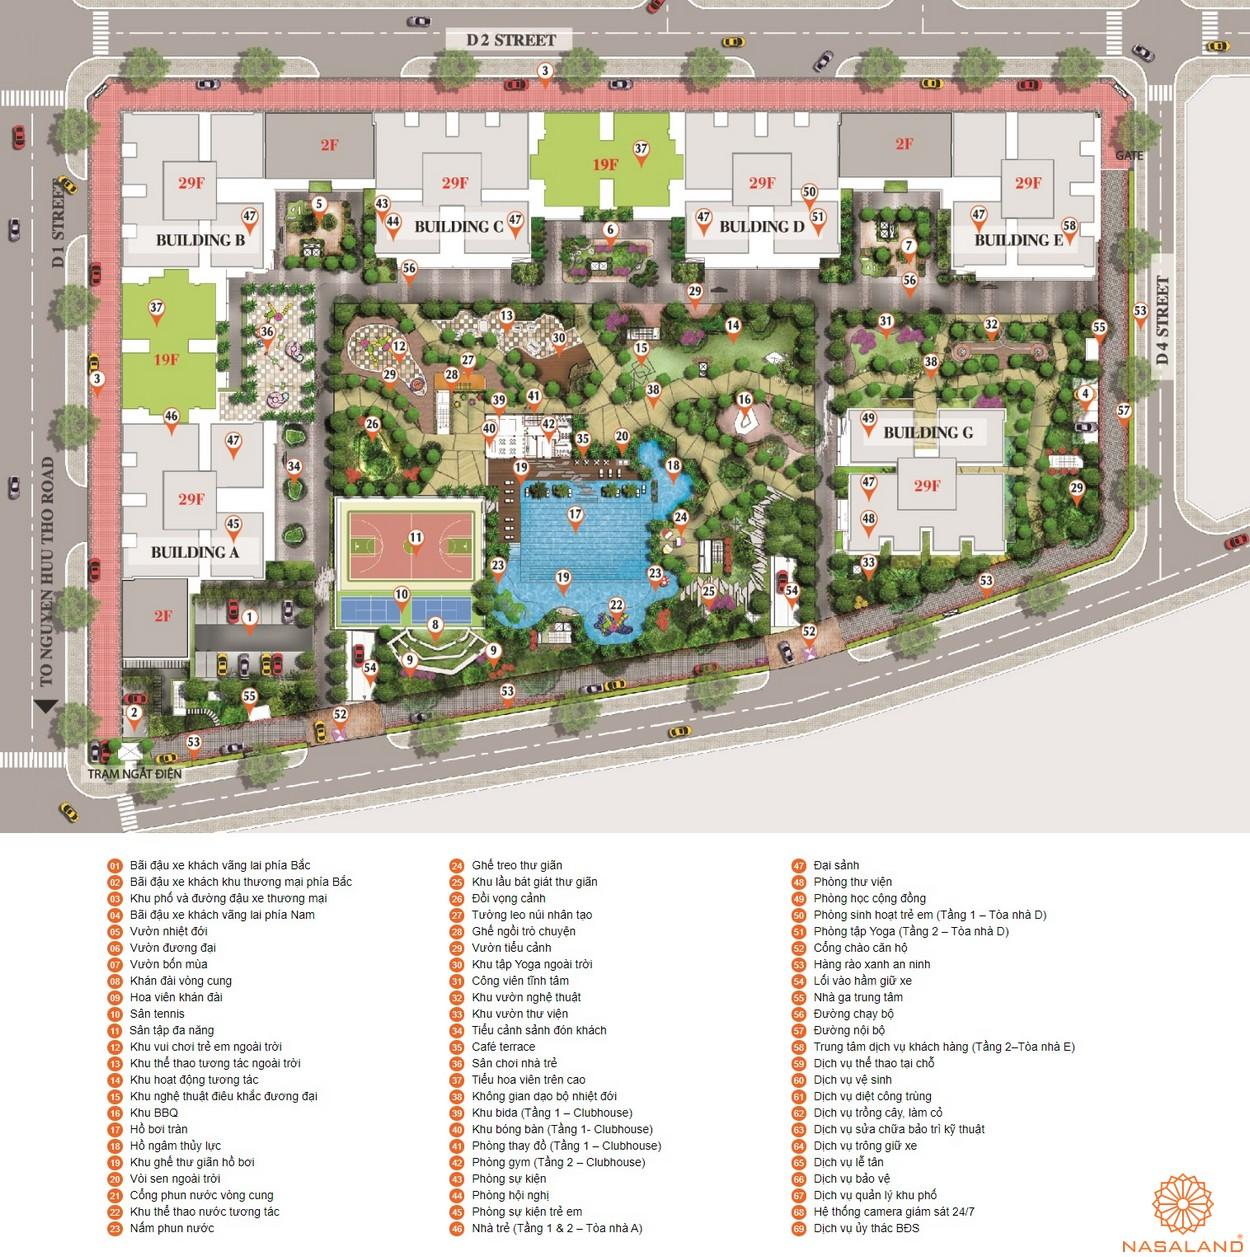 Mặt bằng dự án căn hộ chung cư Saigon South Residence Nhà Bè - tầng tiện ích